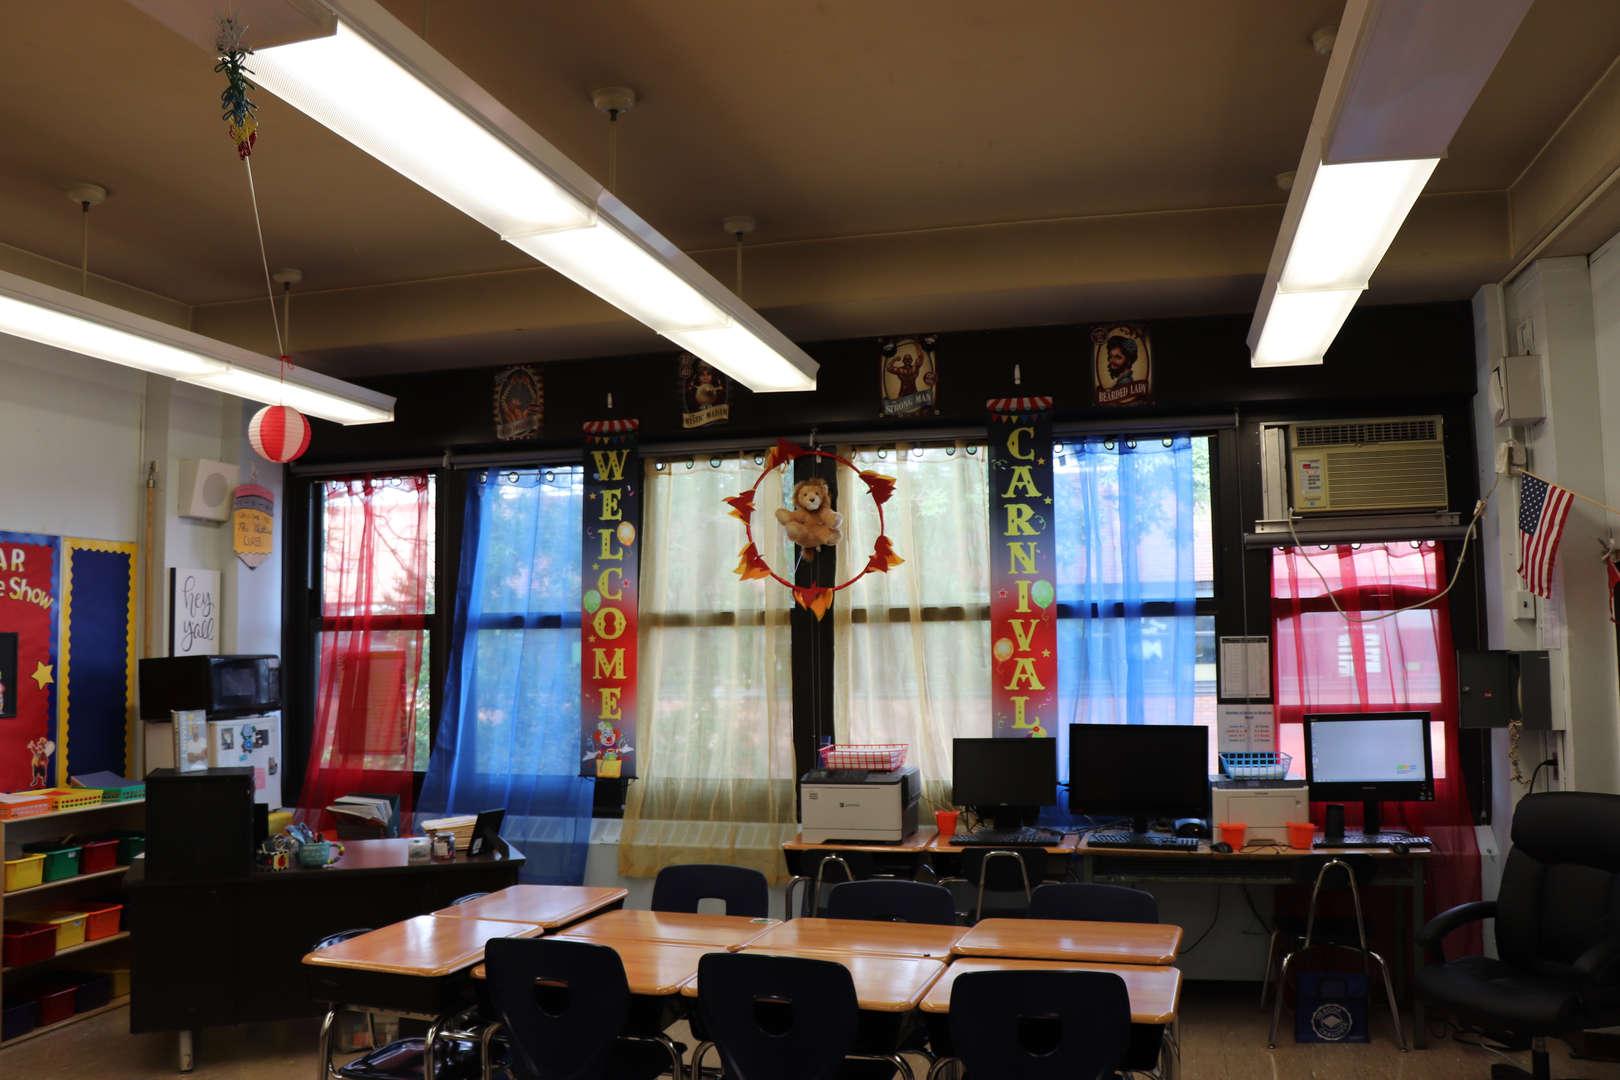 5th grade classroom circus theme